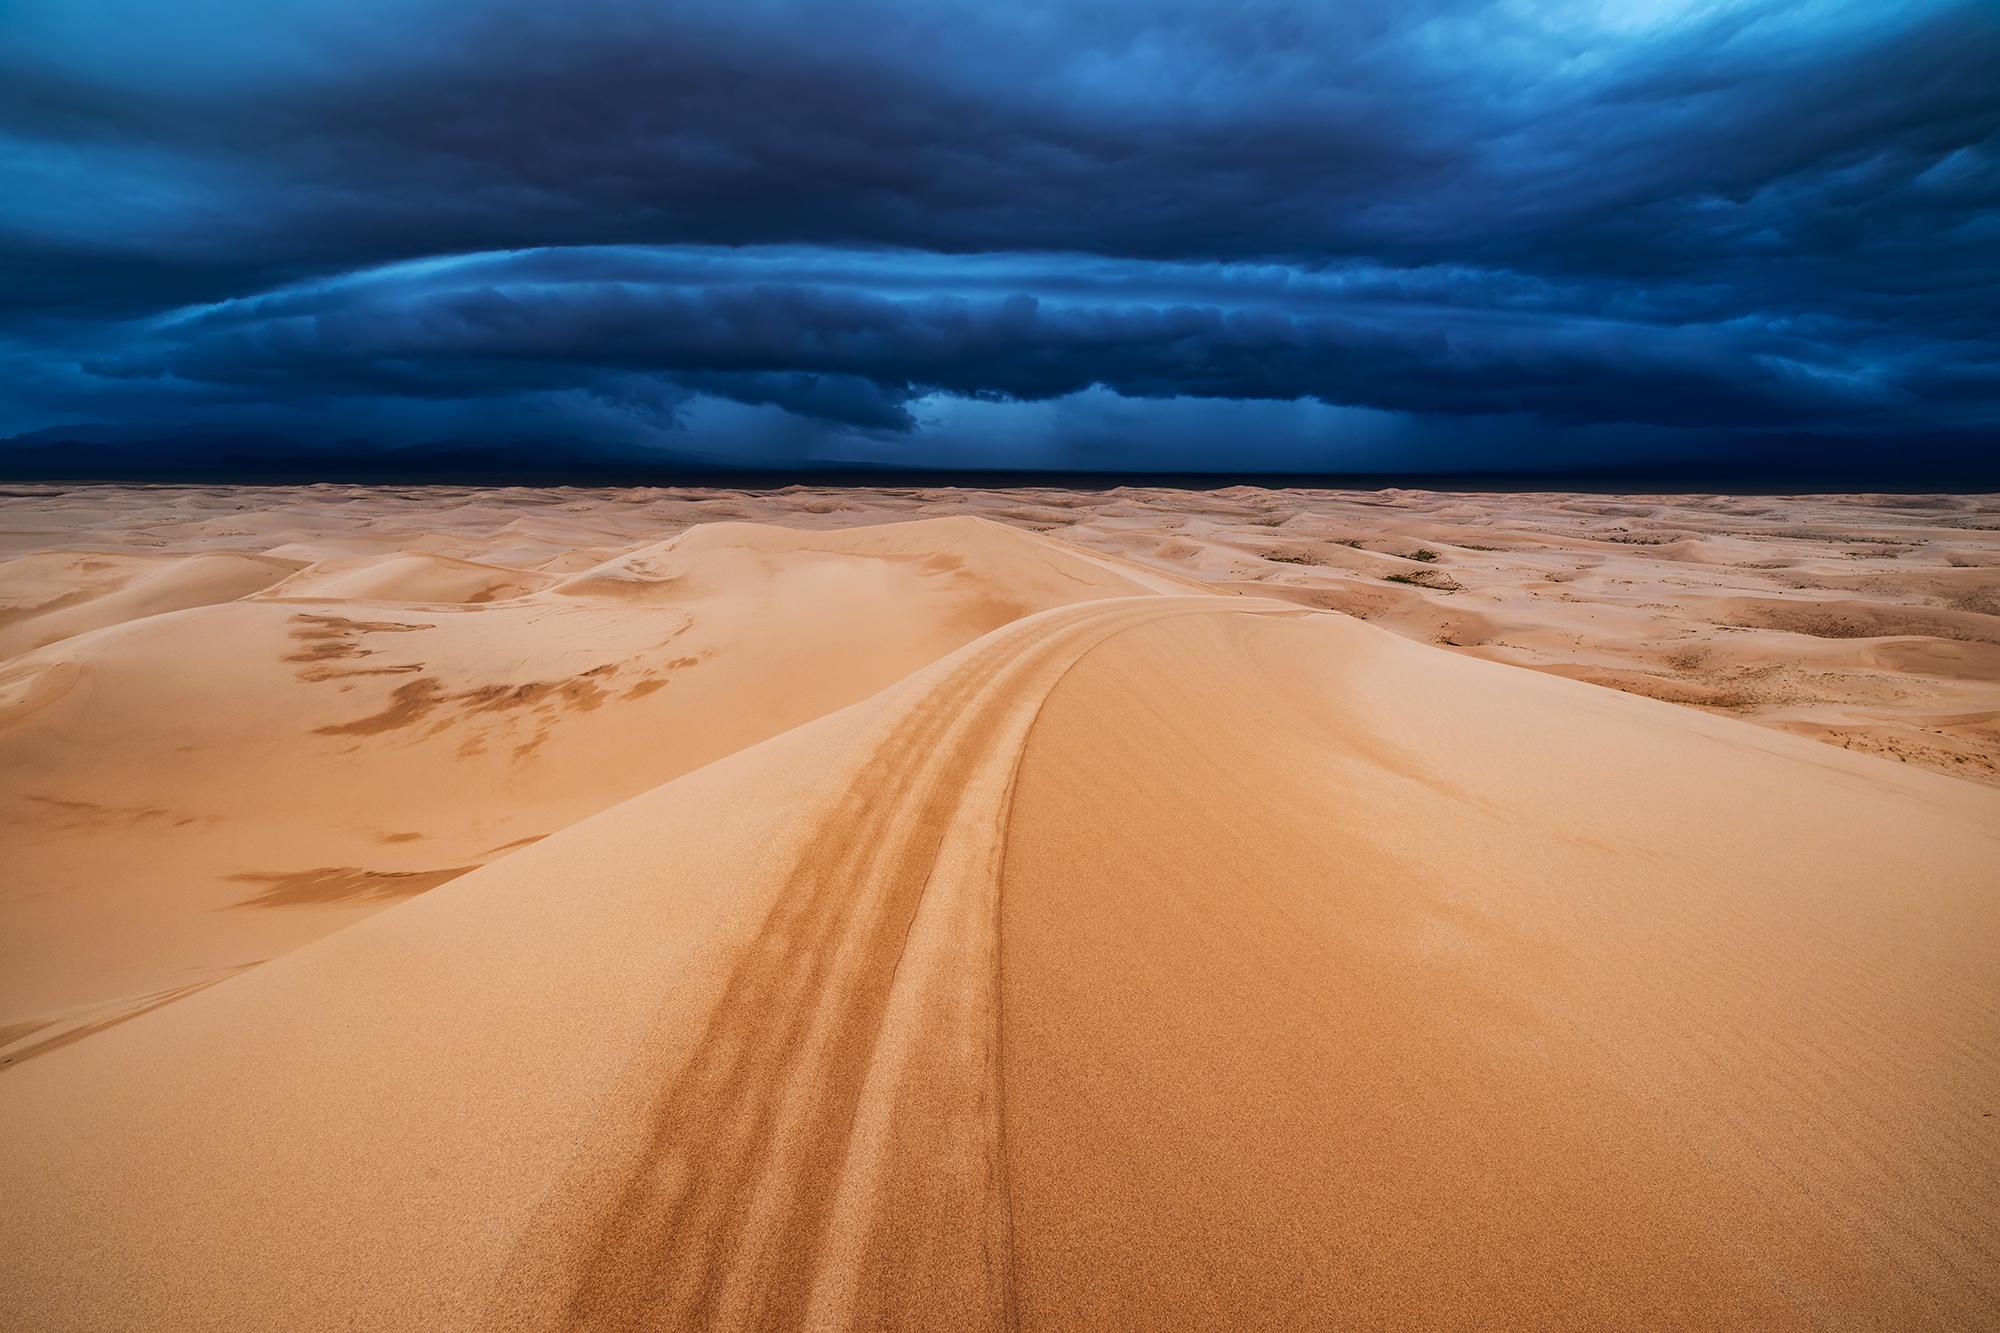 Desert storm, Mongolia